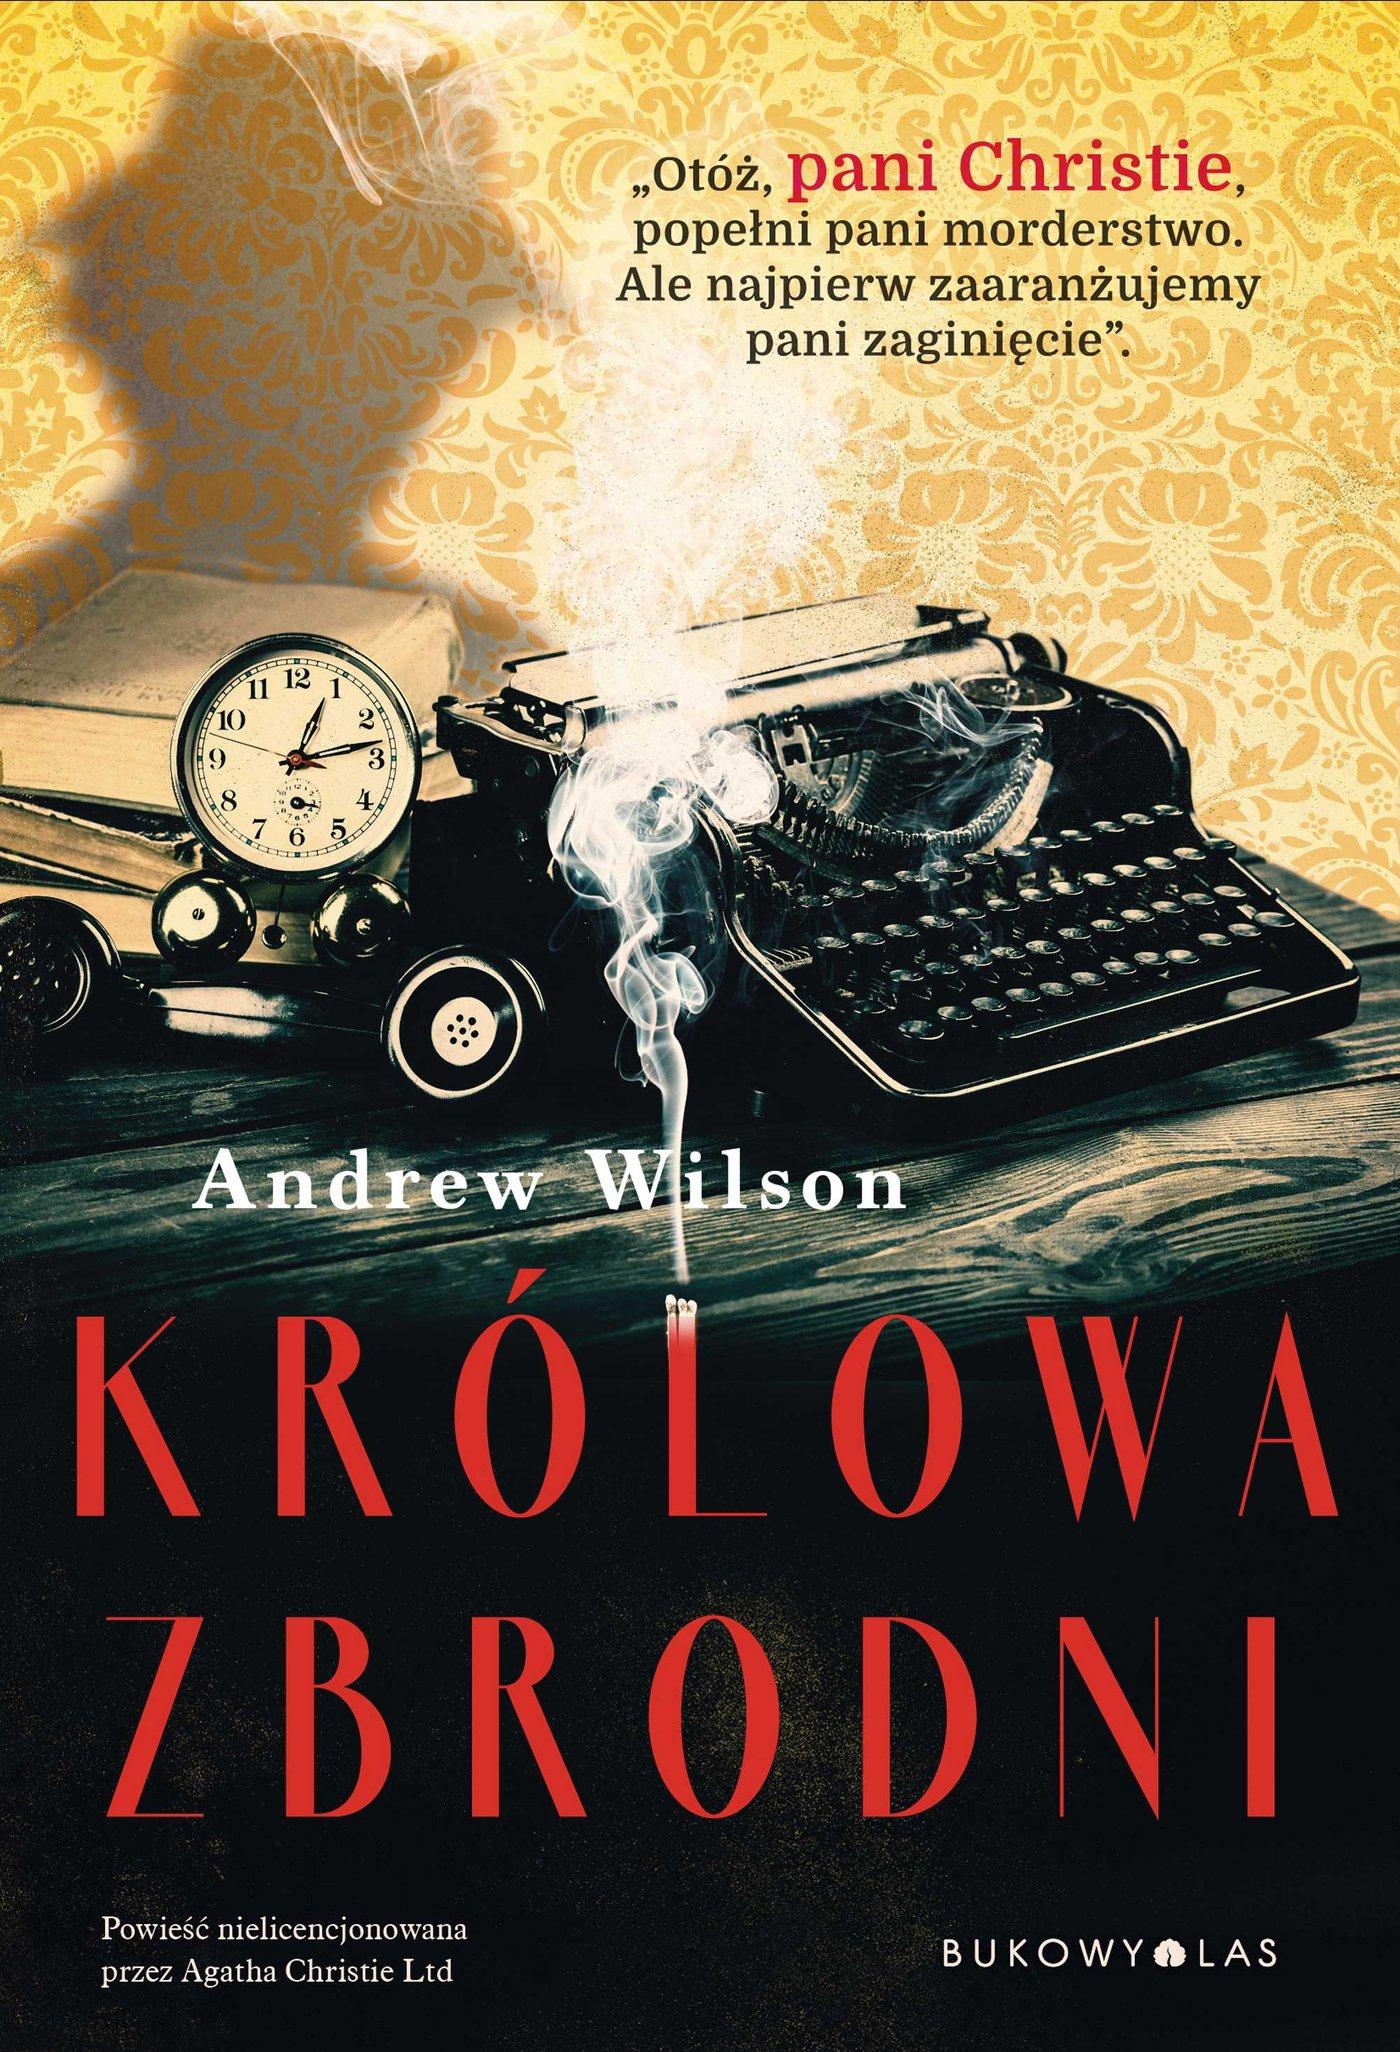 Królowa zbrodni - Ebook (Książka na Kindle) do pobrania w formacie MOBI